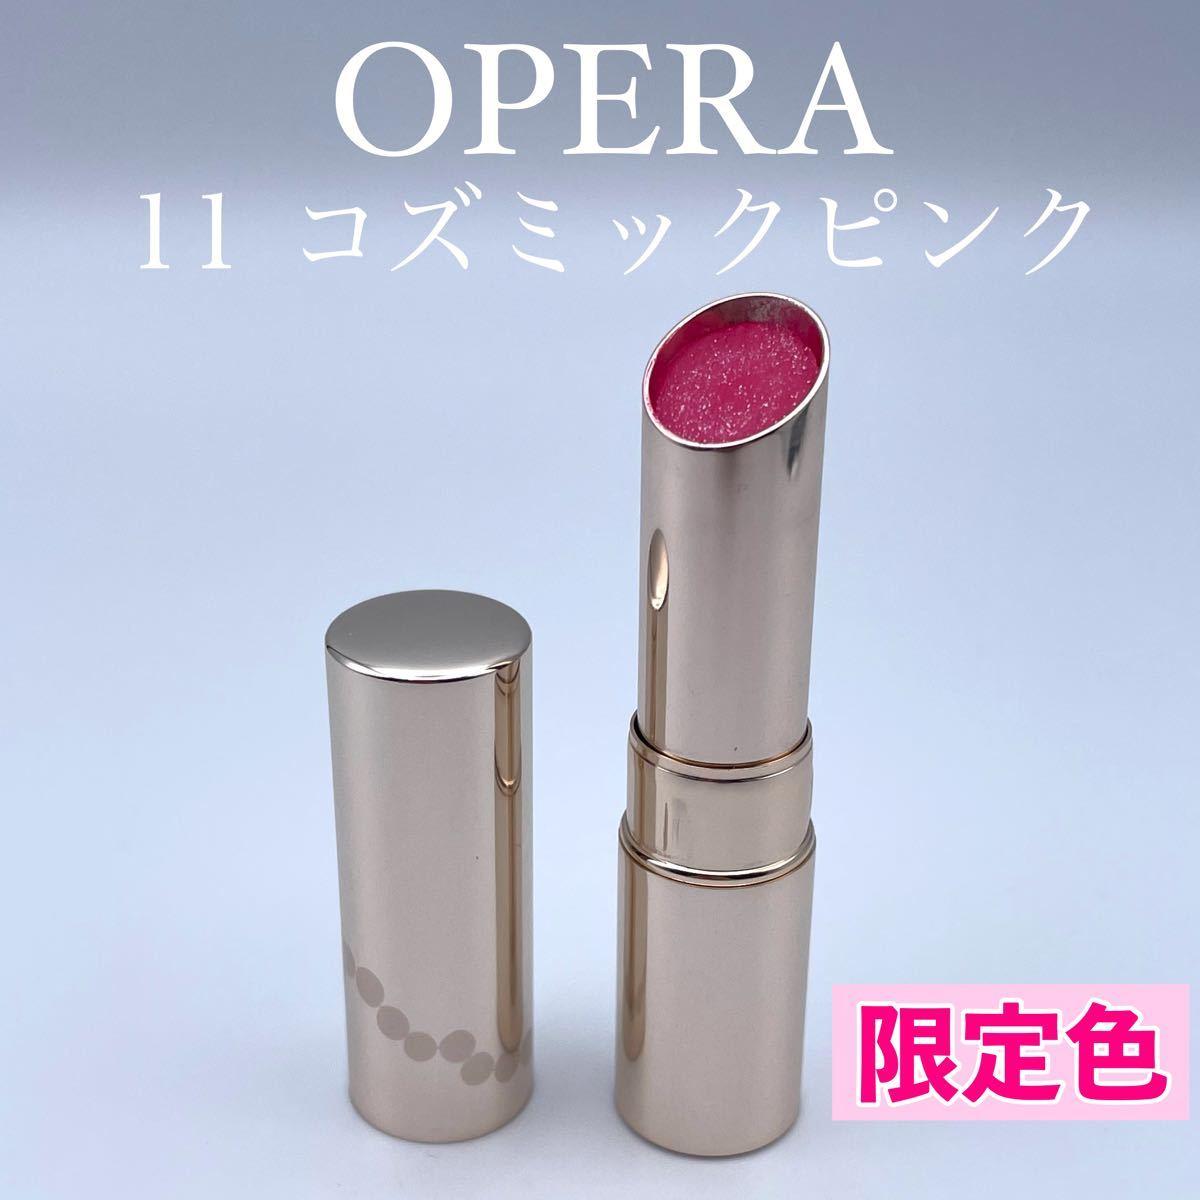 オペラ R リップティント 11 コズミックピンク (限定色) オペラリップティント OPERA イミュ